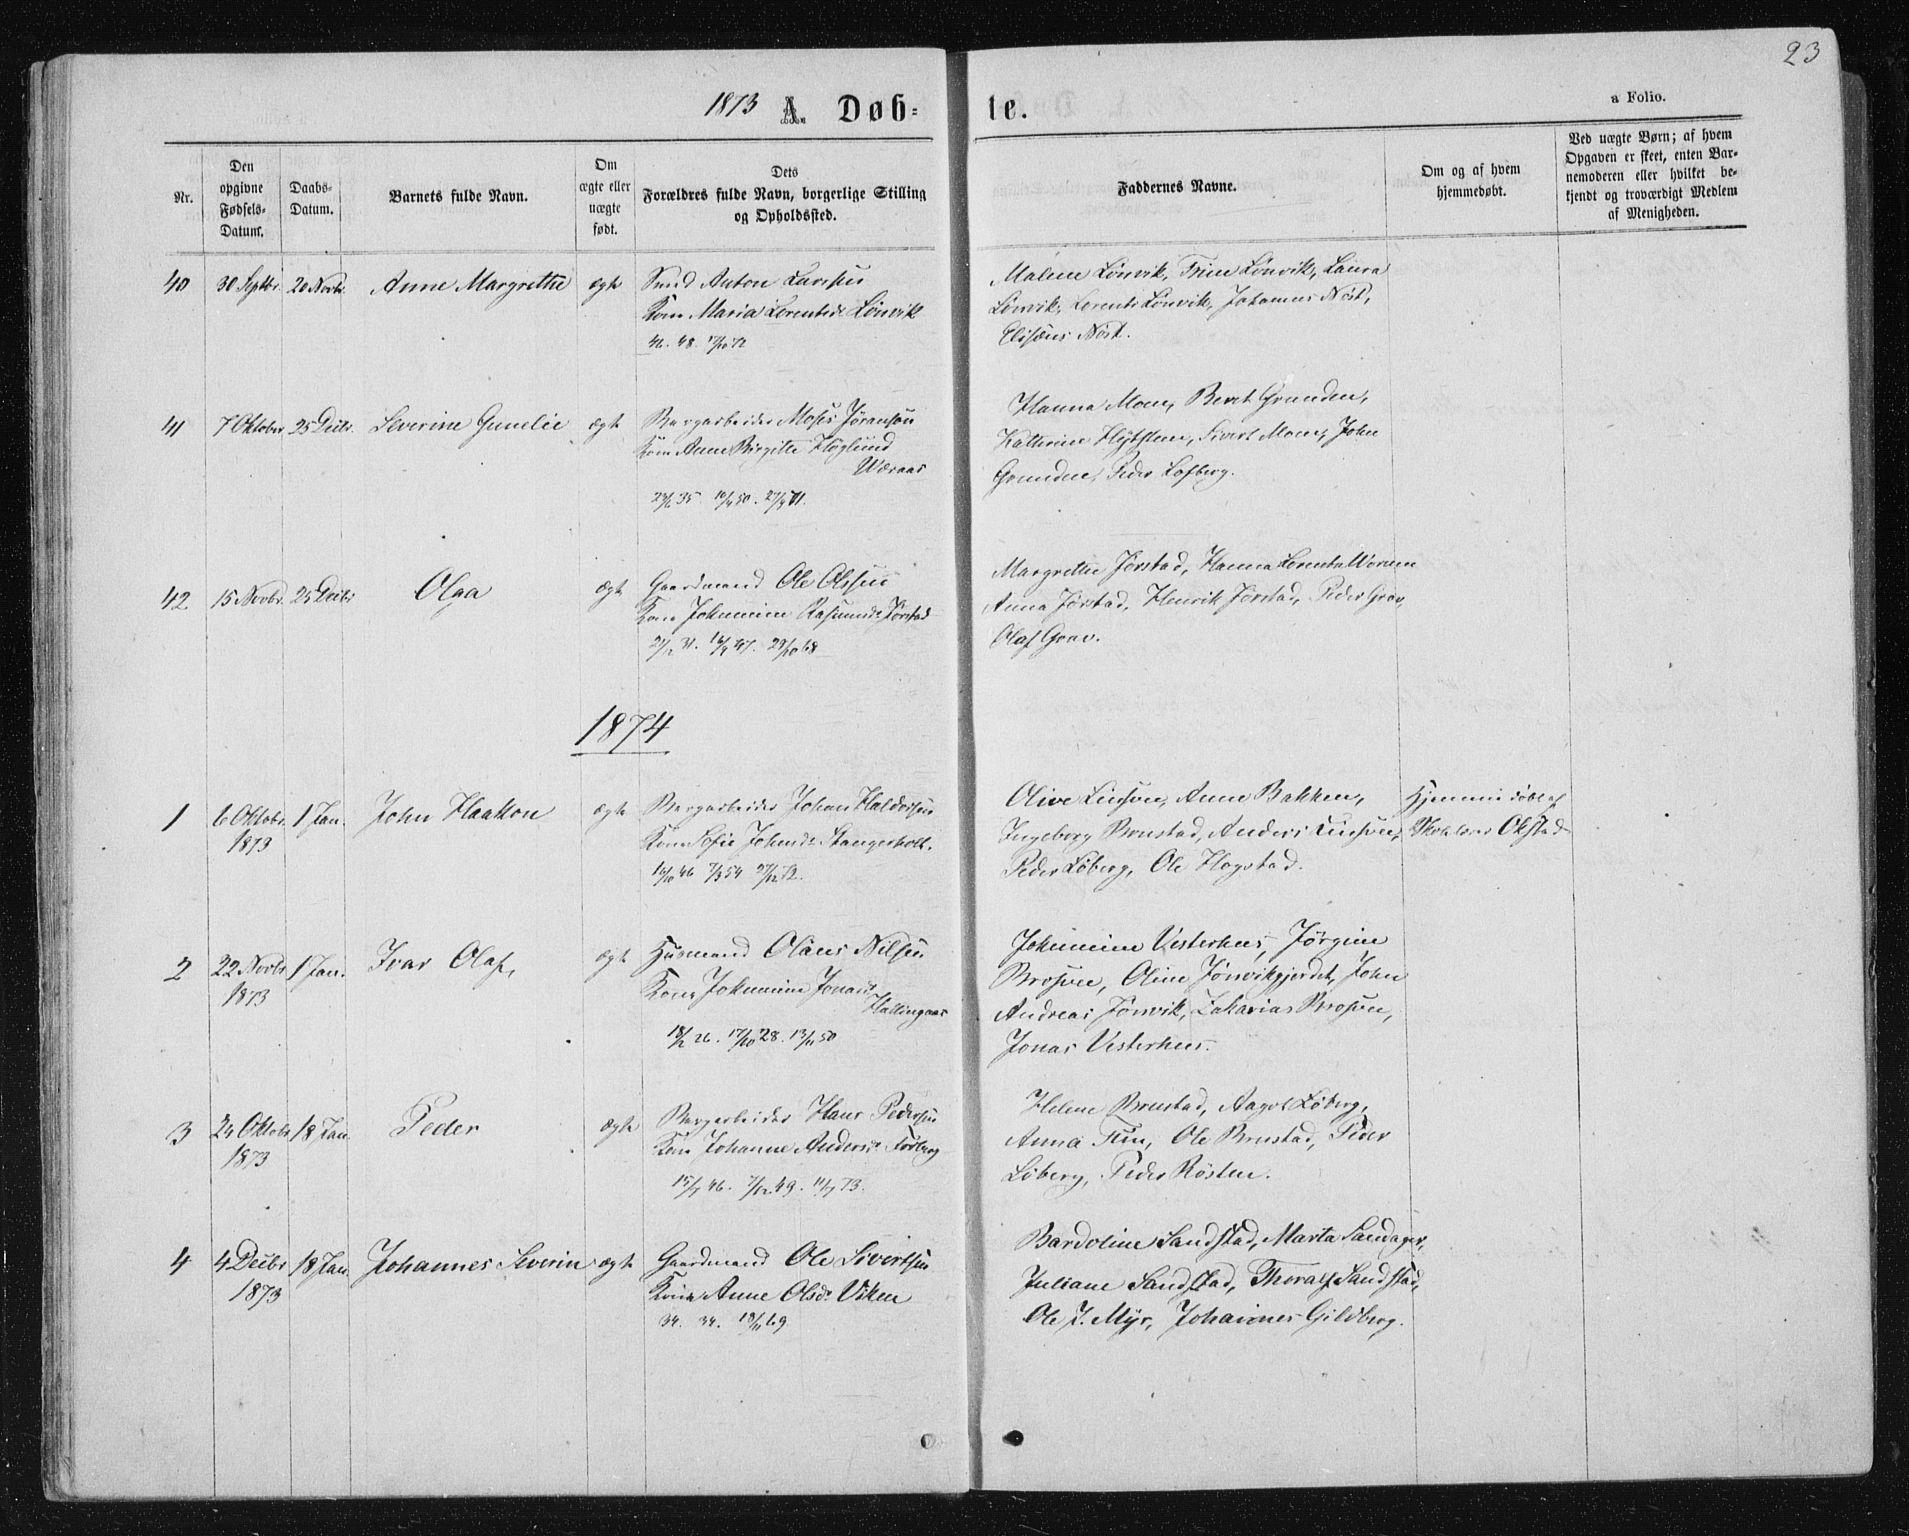 SAT, Ministerialprotokoller, klokkerbøker og fødselsregistre - Nord-Trøndelag, 722/L0219: Ministerialbok nr. 722A06, 1868-1880, s. 23